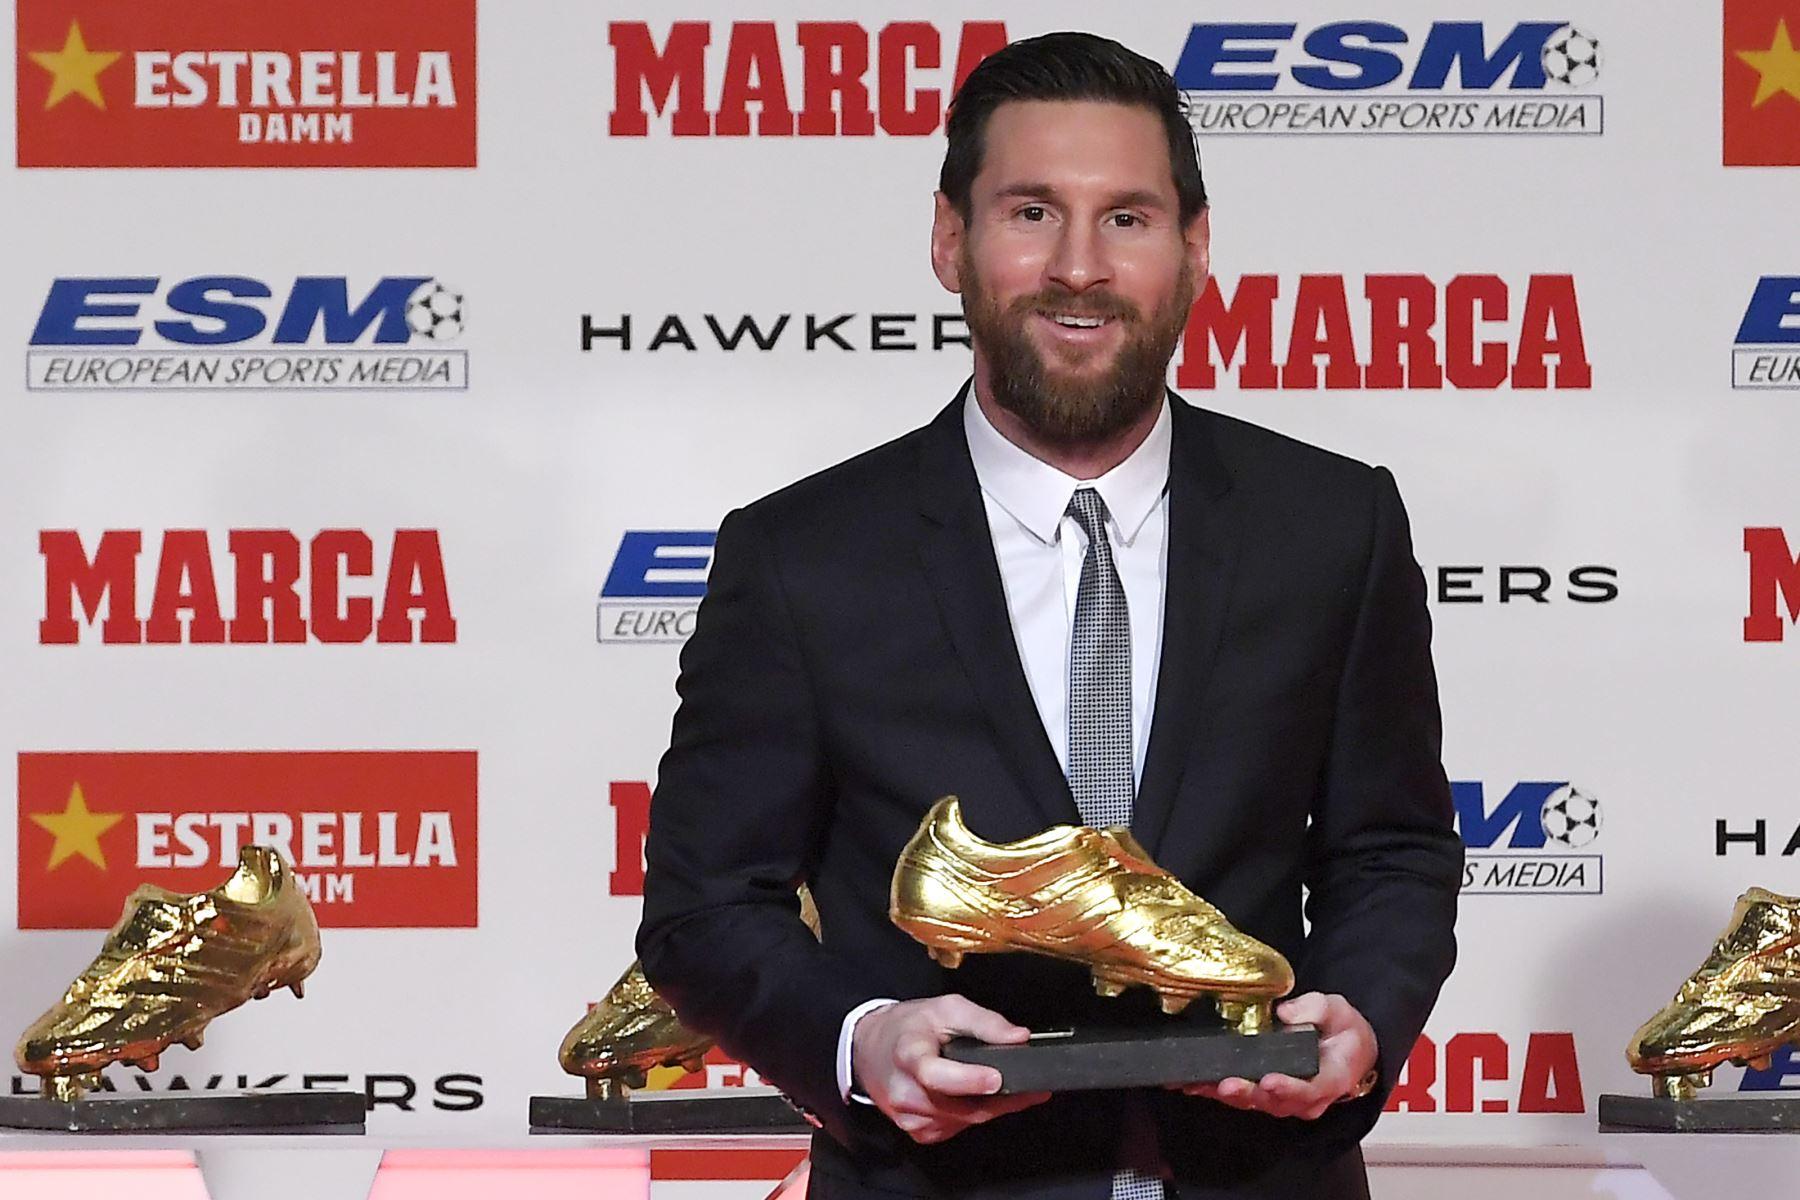 El delantero argentino de Barcelona, Lionel Messi, posa con sus cinco premios Golden Shoe después de recibir el European Golden Shoe 2018 en honor al mejor goleador del año durante una ceremonia en la Antigua Fabrica Estrella Damm en Barcelona el 18 de diciembre de 2018.  AFP